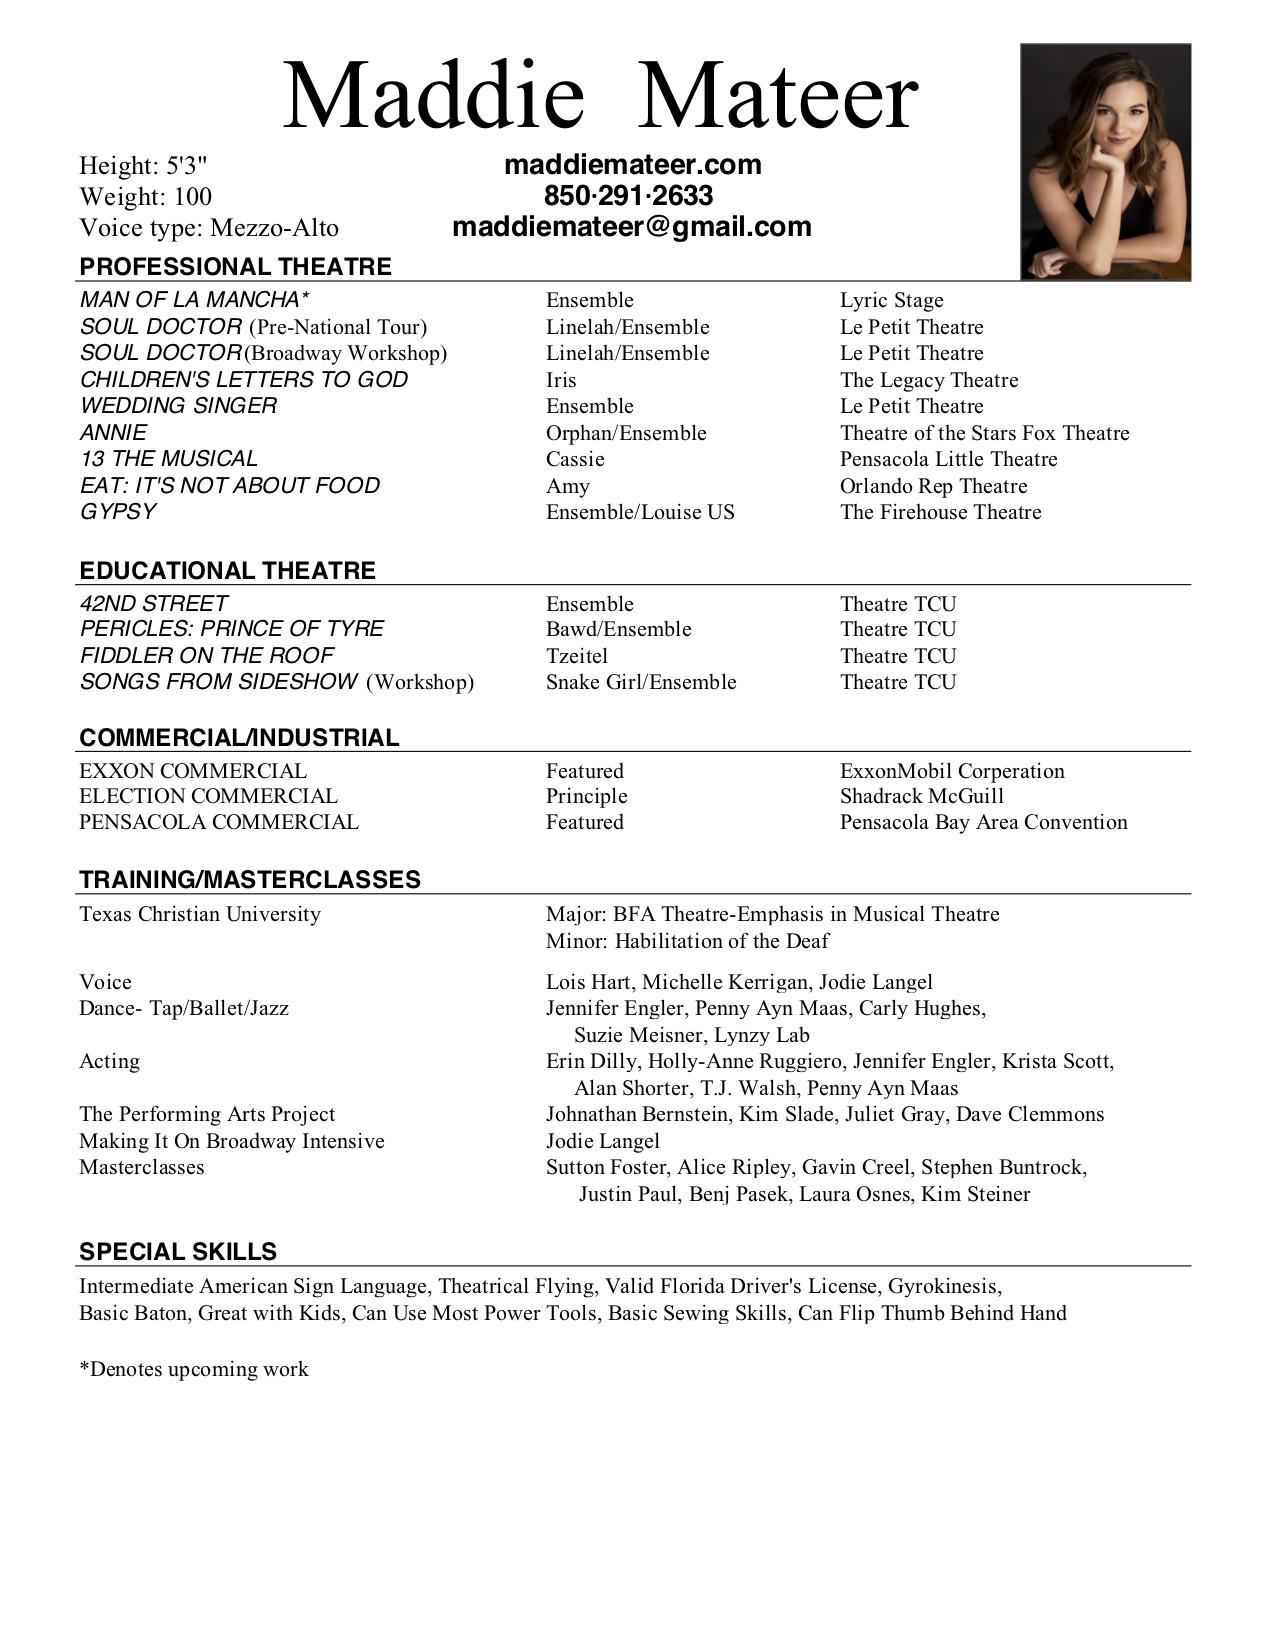 MaddieMateer-Resume.jpg